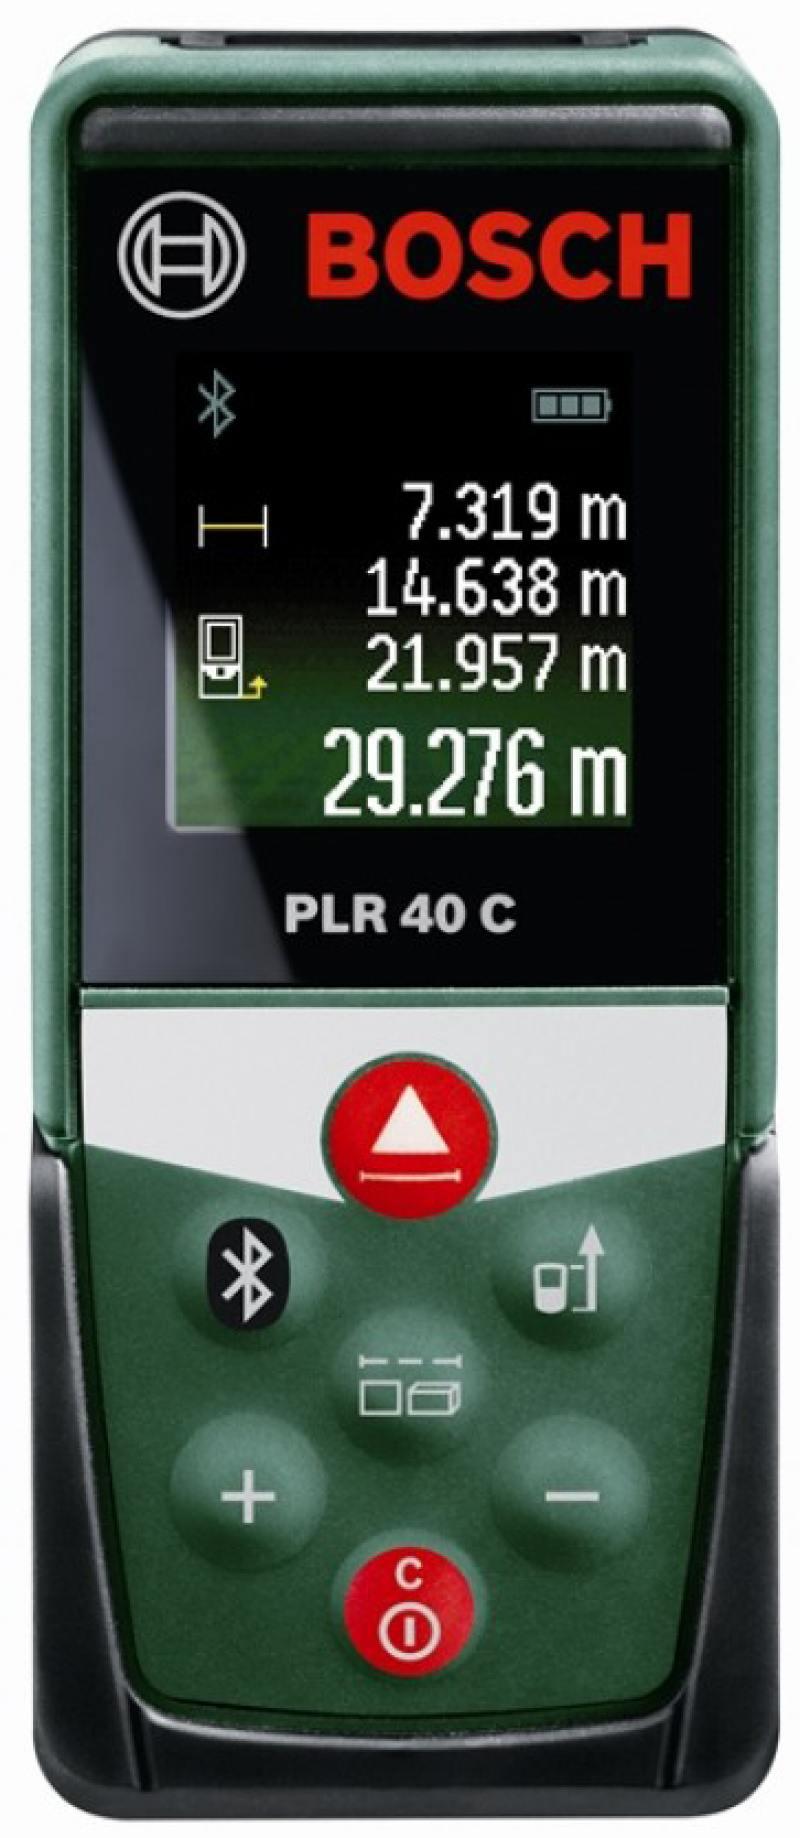 Лазерный дальномер Bosch PLR 40 С лазерный дальномер bosch plr 50 c